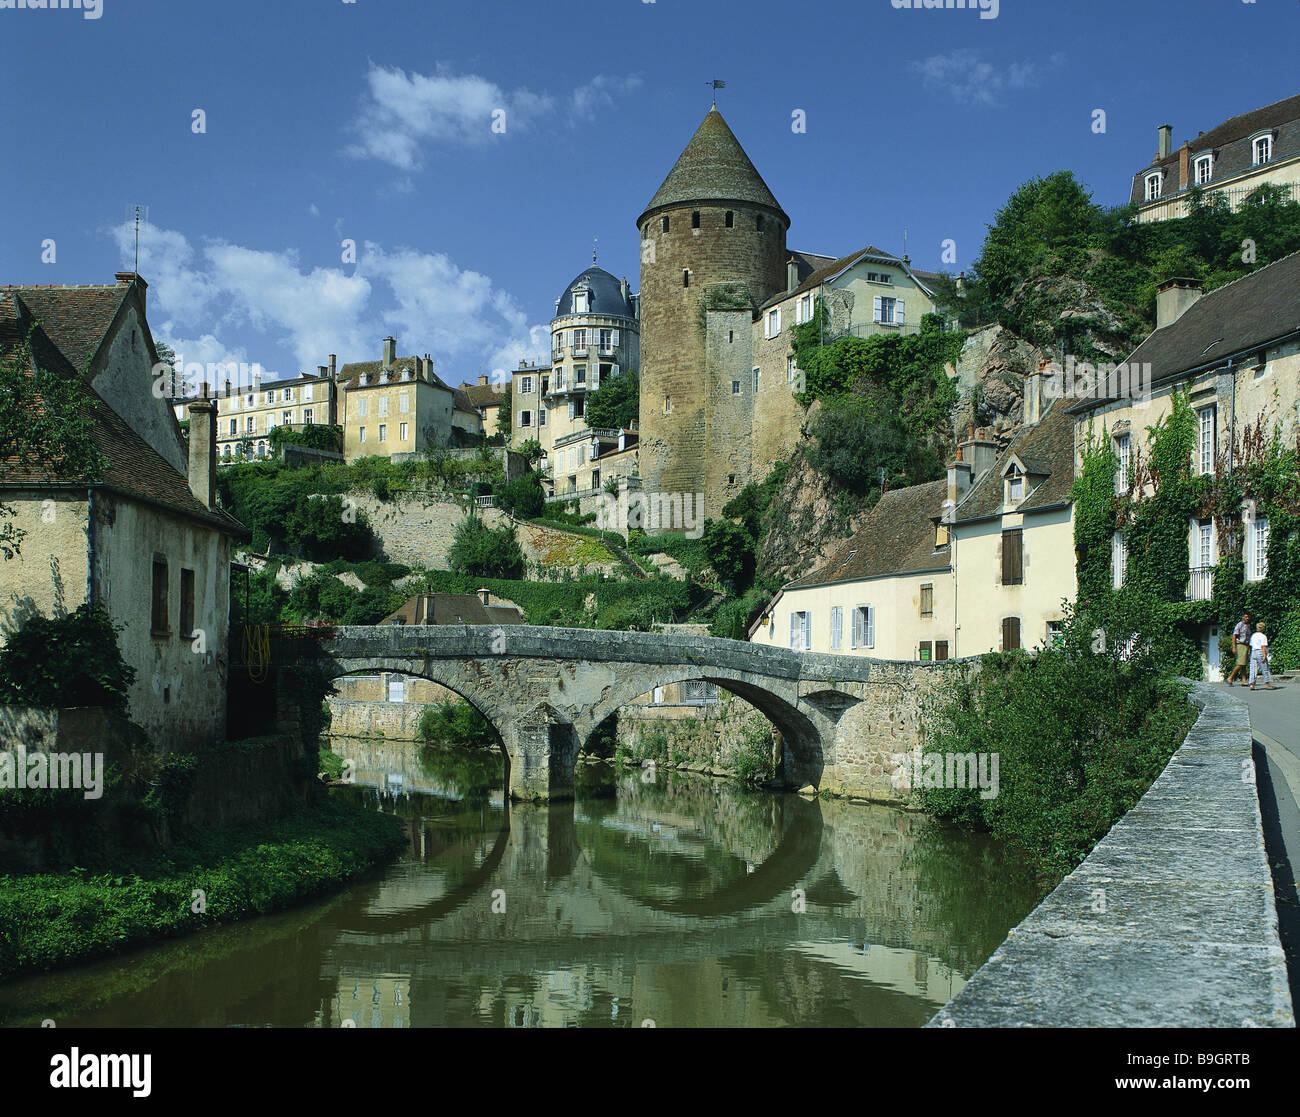 Frankreich burgund semur en auxois fluss armancon br cke pont pinard stadt stadt ansicht - Architektur ansicht ...